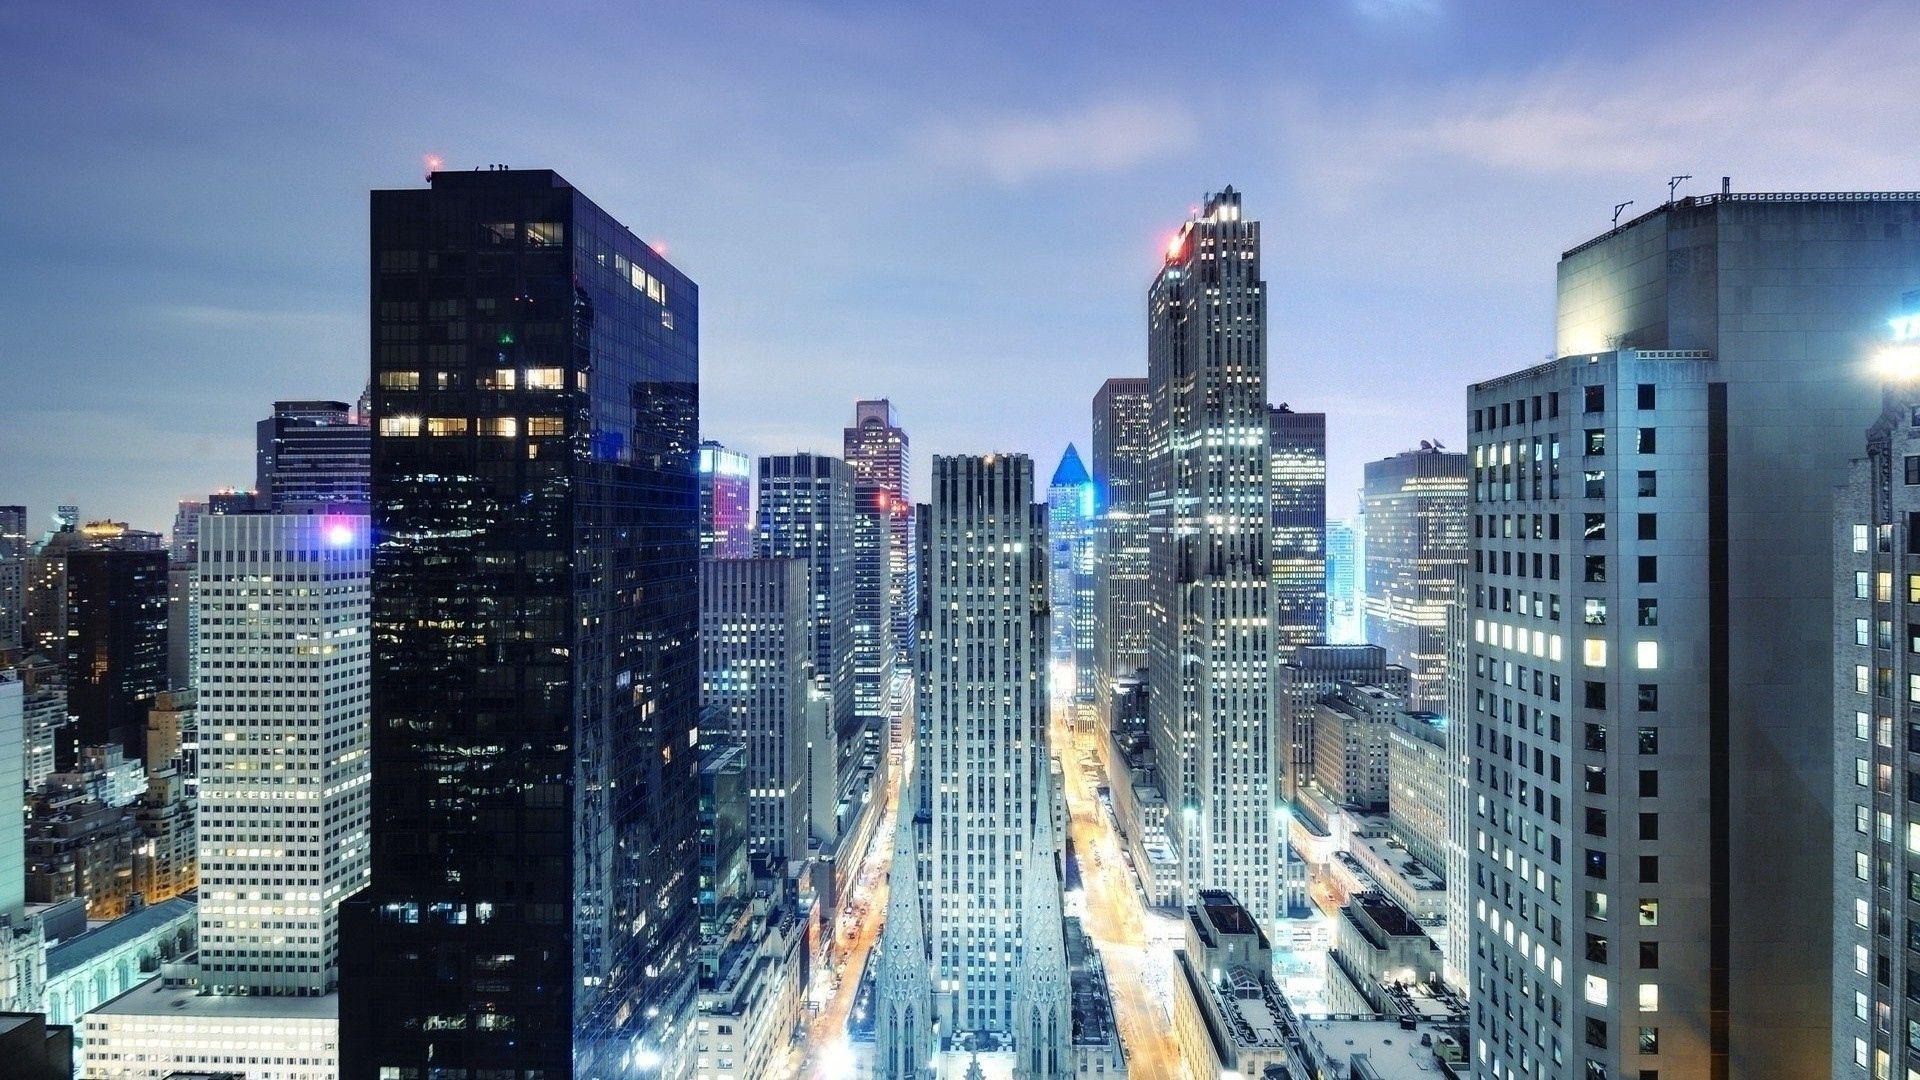 101368 Hintergrundbild 240x400 kostenlos auf deinem Handy, lade Bilder Städte, Übernachtung, Wolkenkratzer, Blick Von Oben, Scheinen, Licht, New York 240x400 auf dein Handy herunter